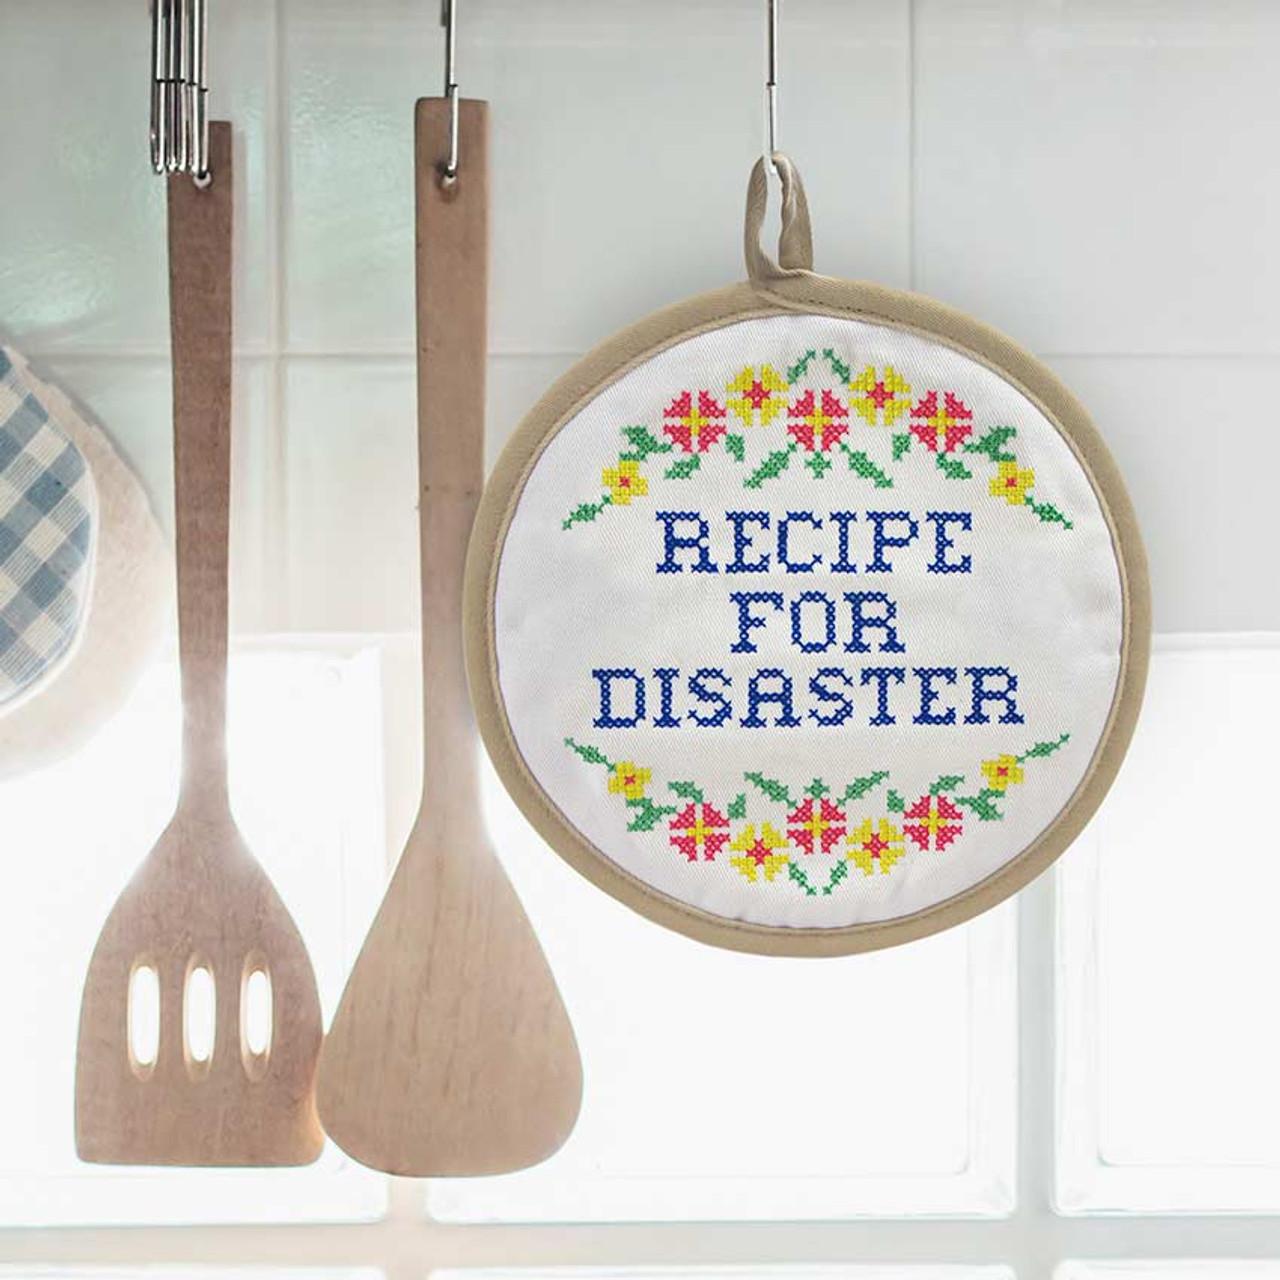 Purchase IRecipe For Disaster Potholder Hostess Gift